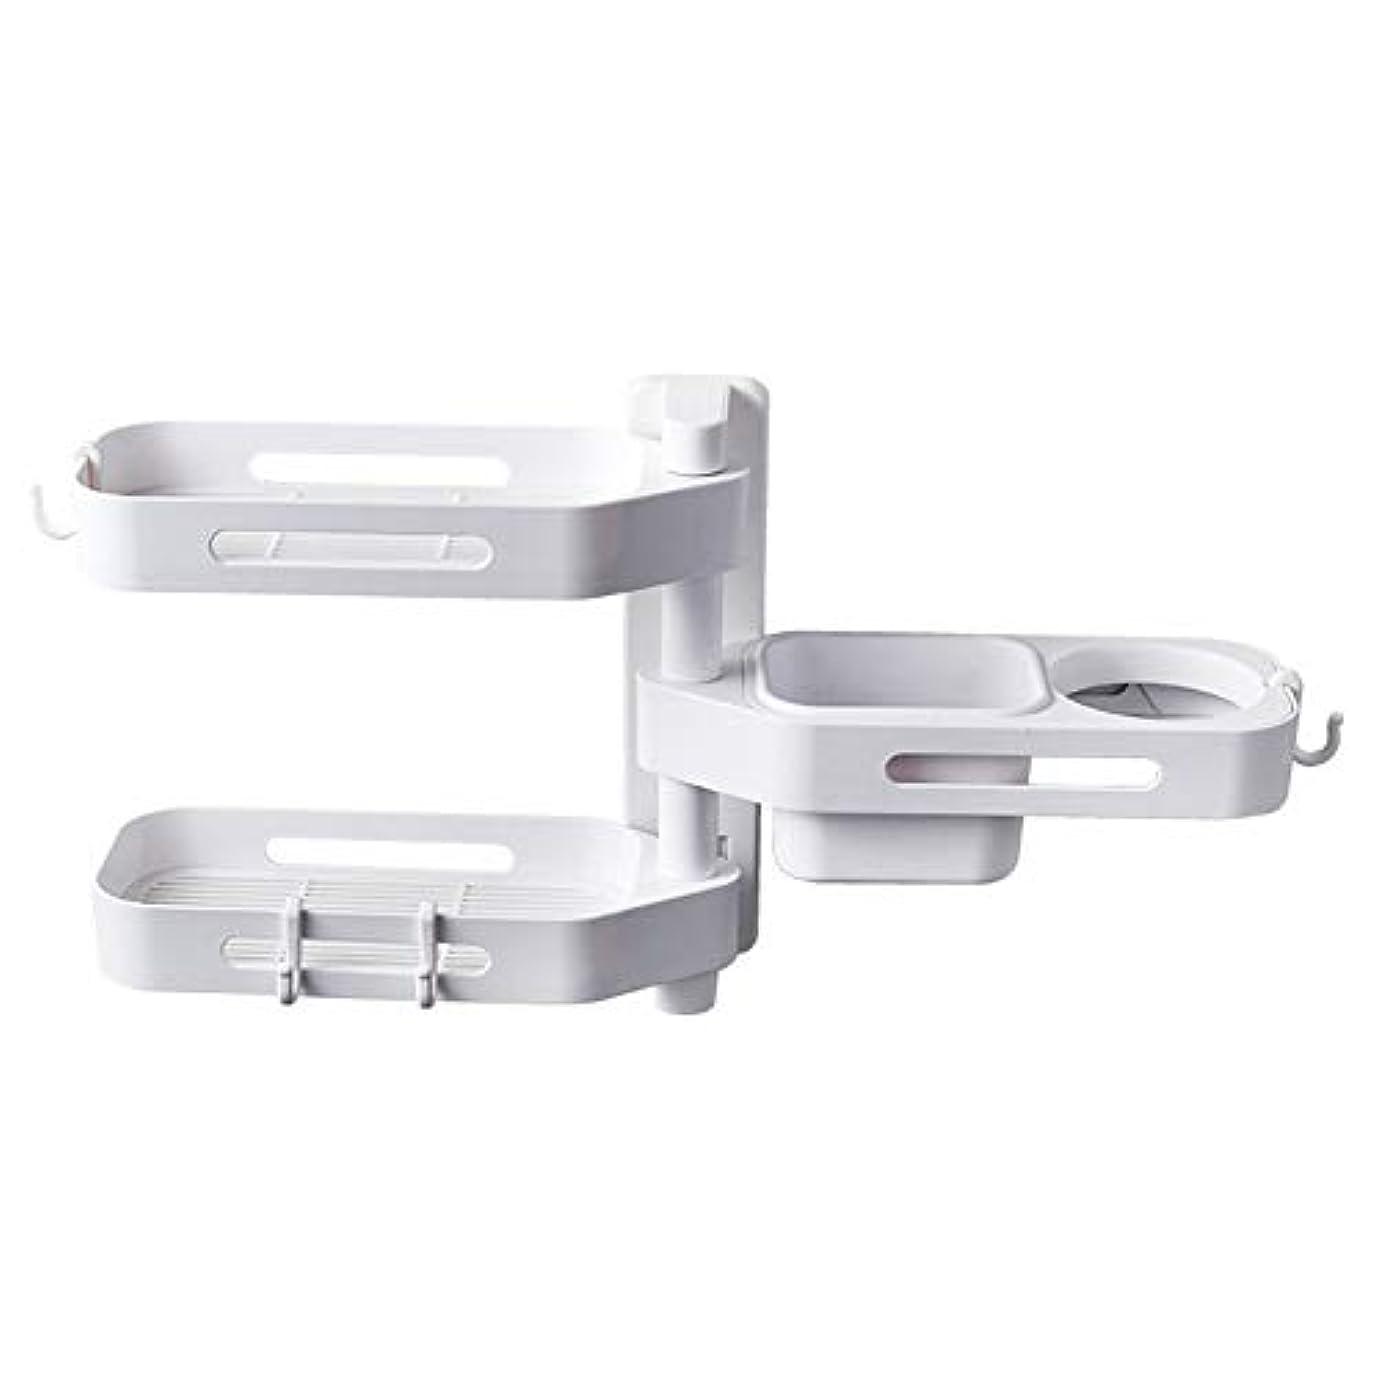 快適買収プロトタイプCoolTack 3層ソープトレイプラスチック取り外し可能な収納オーガナイザーを回転させるソープディッシュ接着剤ホルダー